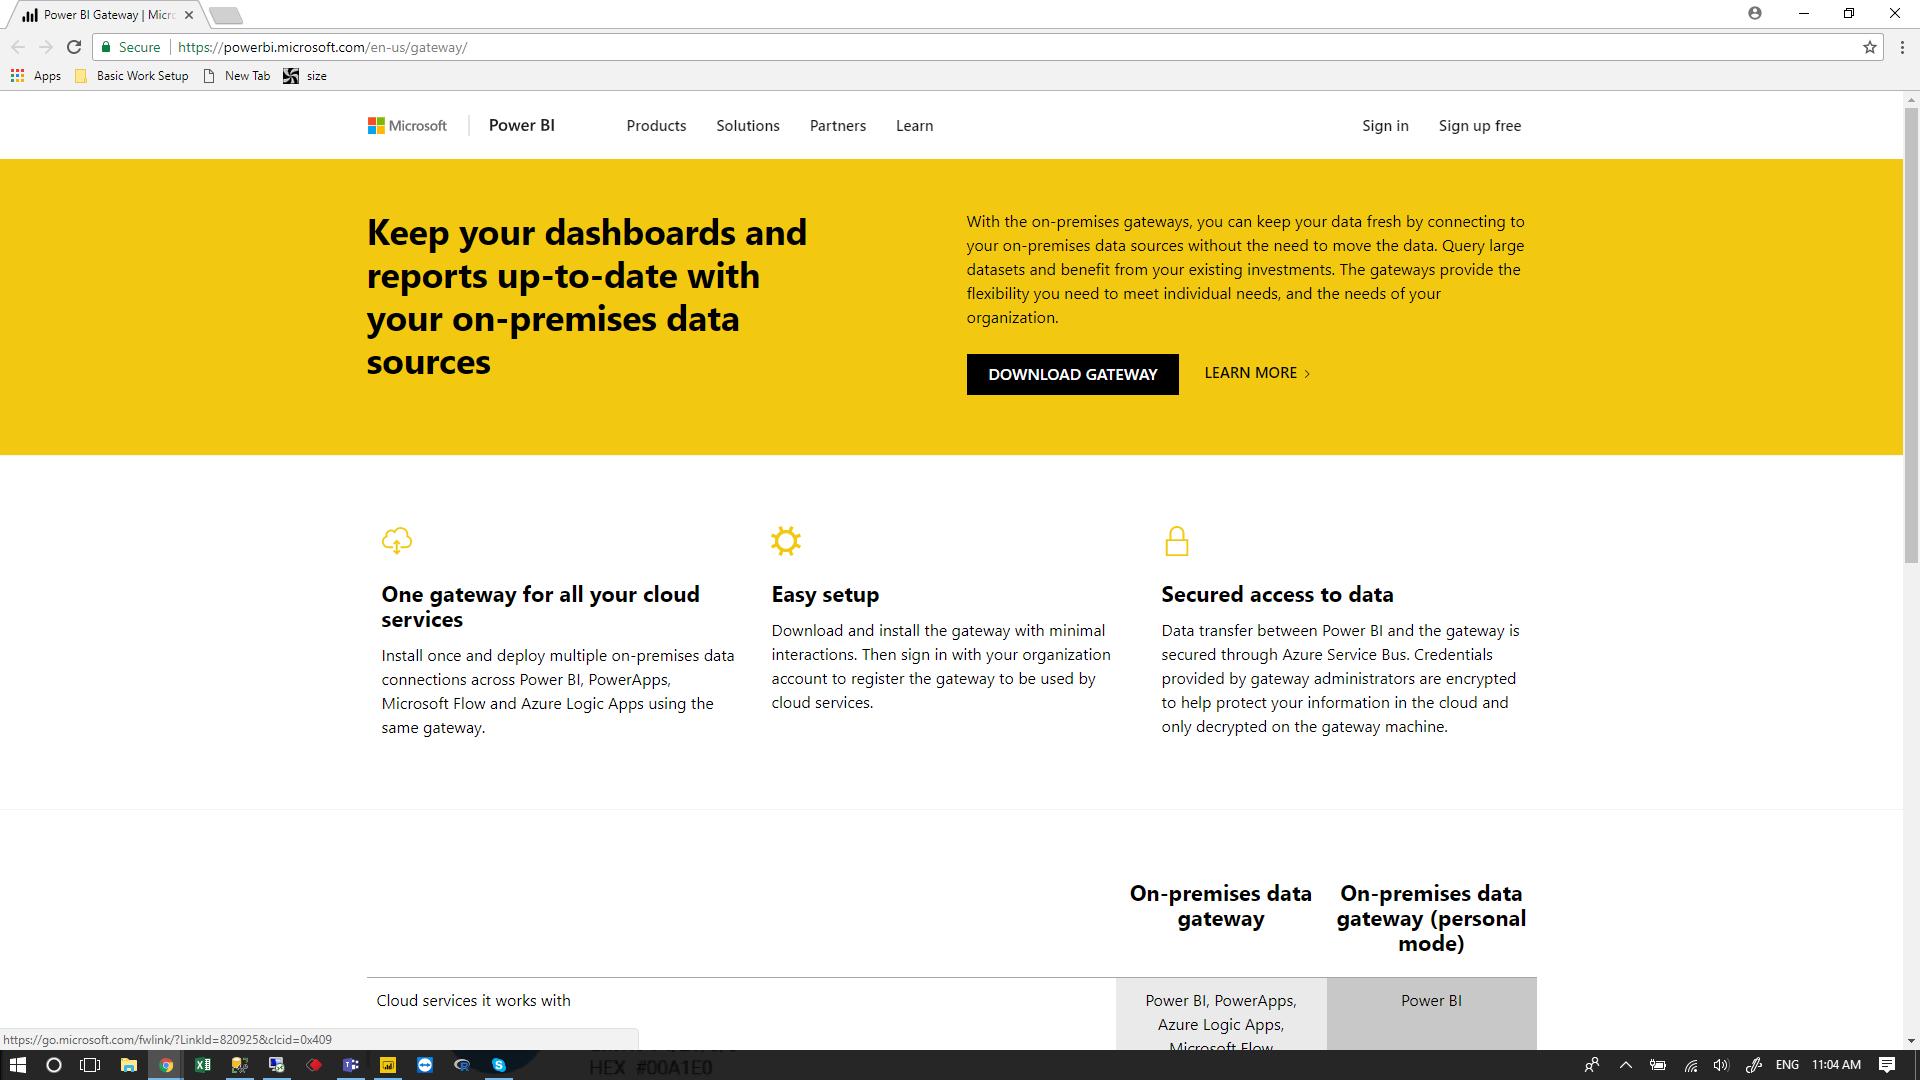 5) Download the gateway installer: